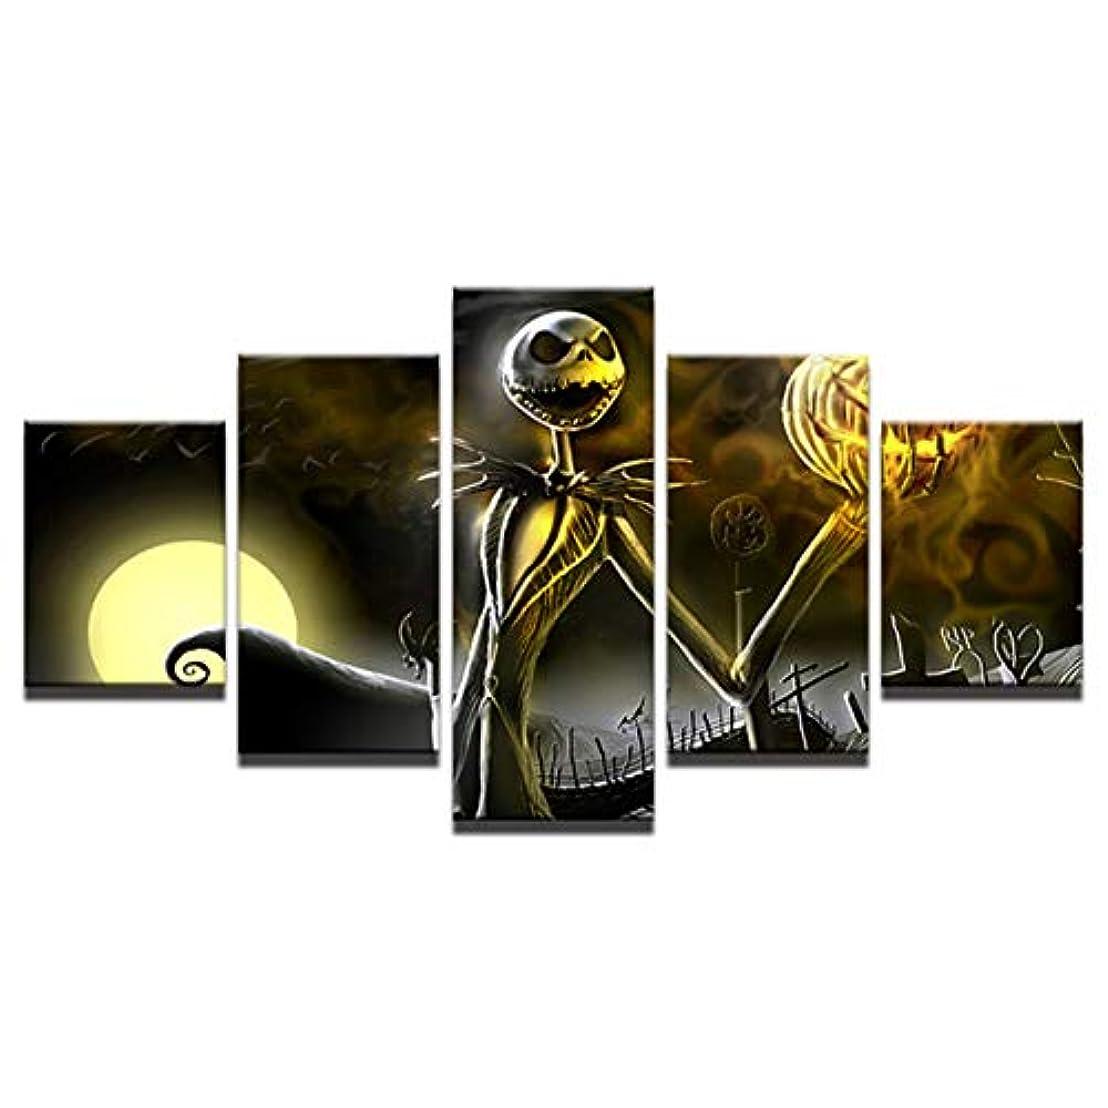 Saikogoods レトロジャック?スケリントン絵画モジュラーキャンバスウォールアート写真5つのHallowmasホームデコレーション 多色 10×15cm×2個10×20cm×2個10×2